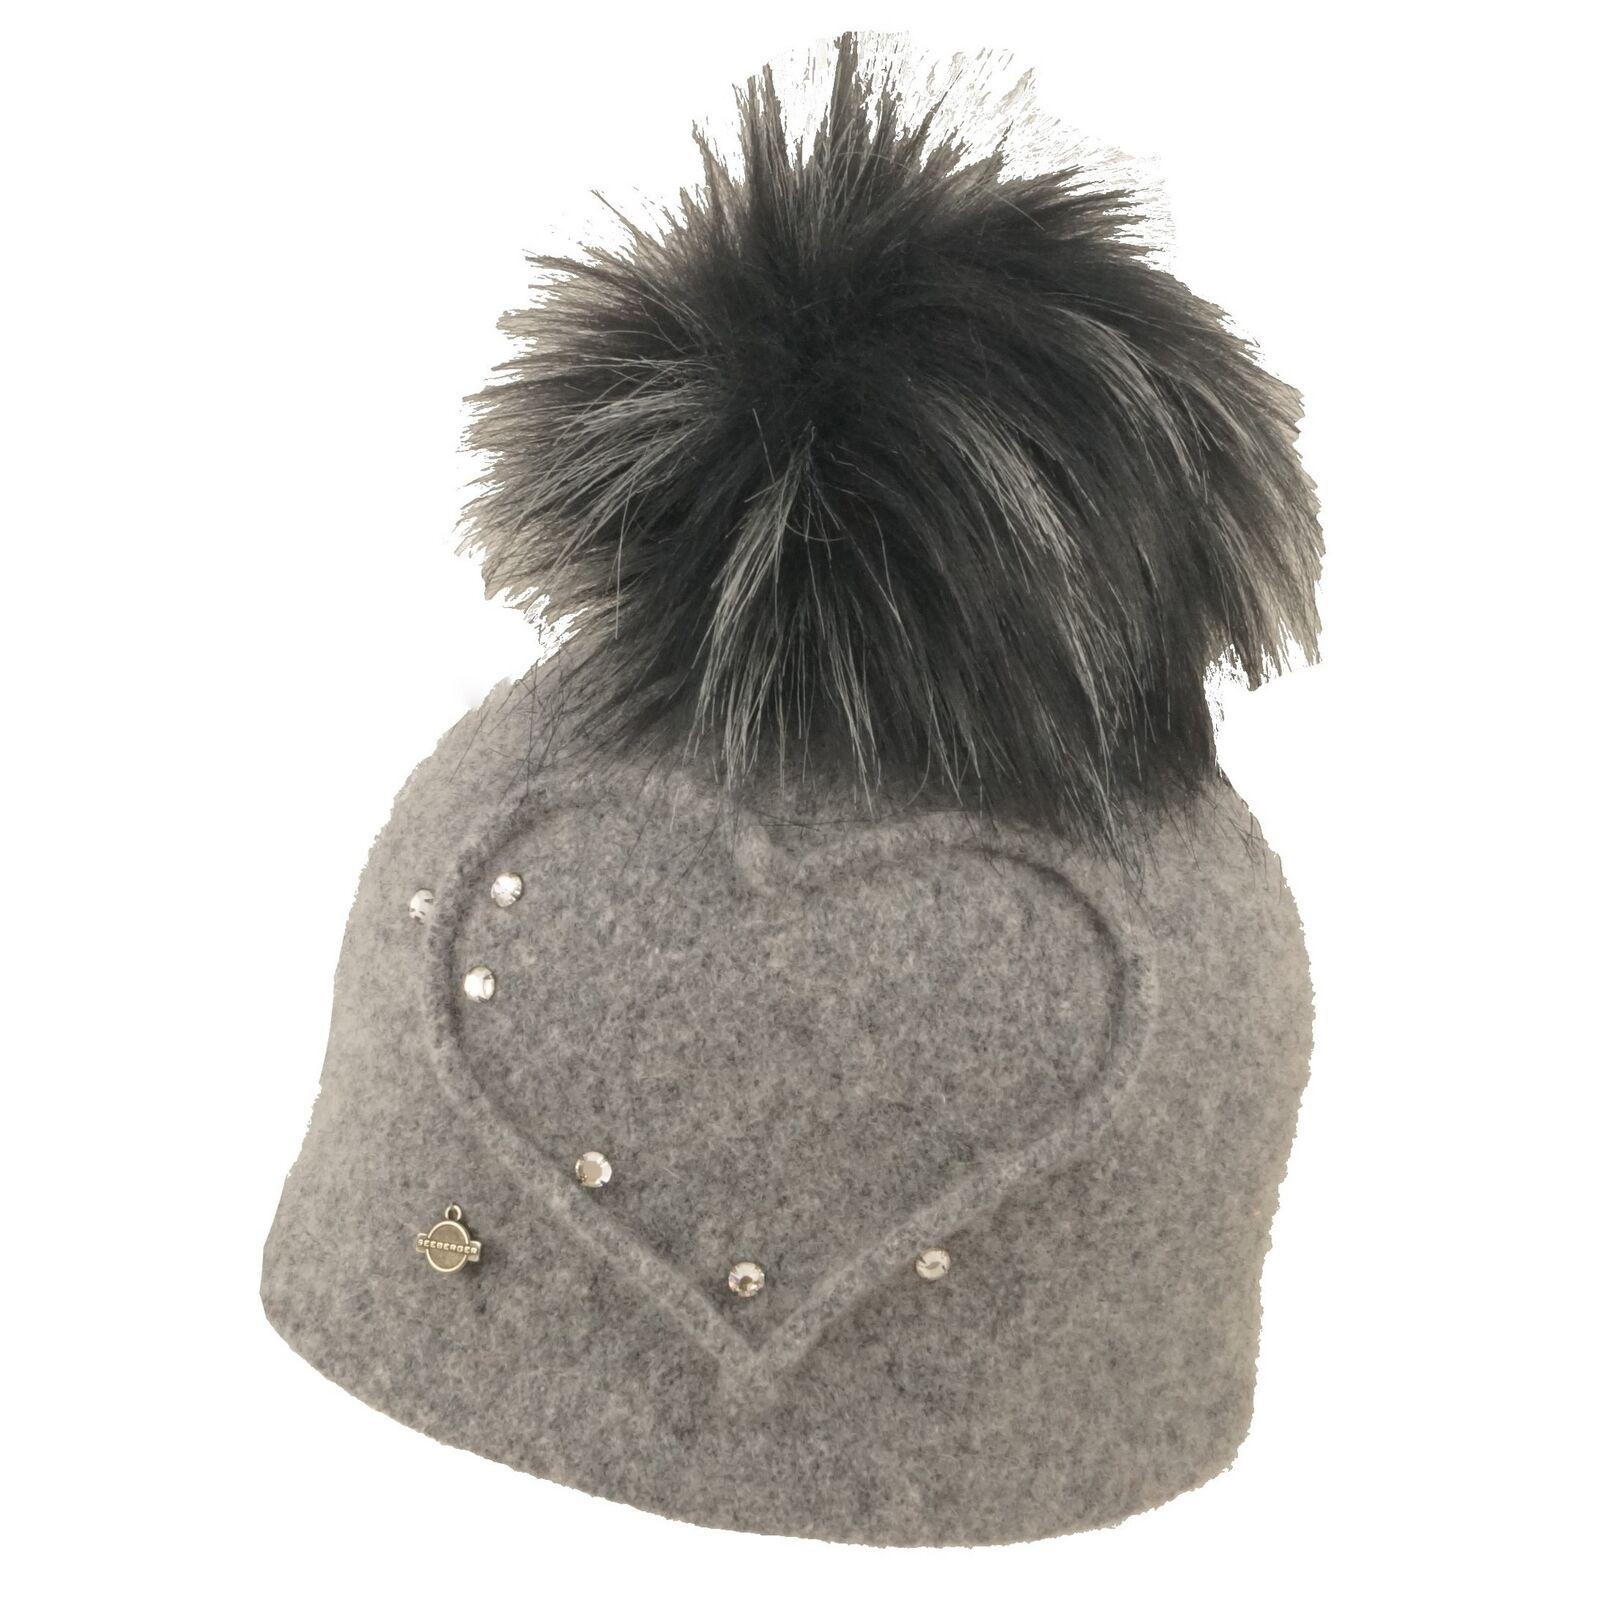 Seeberger Walkmütze Walkmütze Walkmütze Damen Pompom Wintermütze Corallia mit Kunstbommel hellgrau | Räumungsverkauf  | Bekannt für seine schöne Qualität  | Schöne Kunst  778a1e